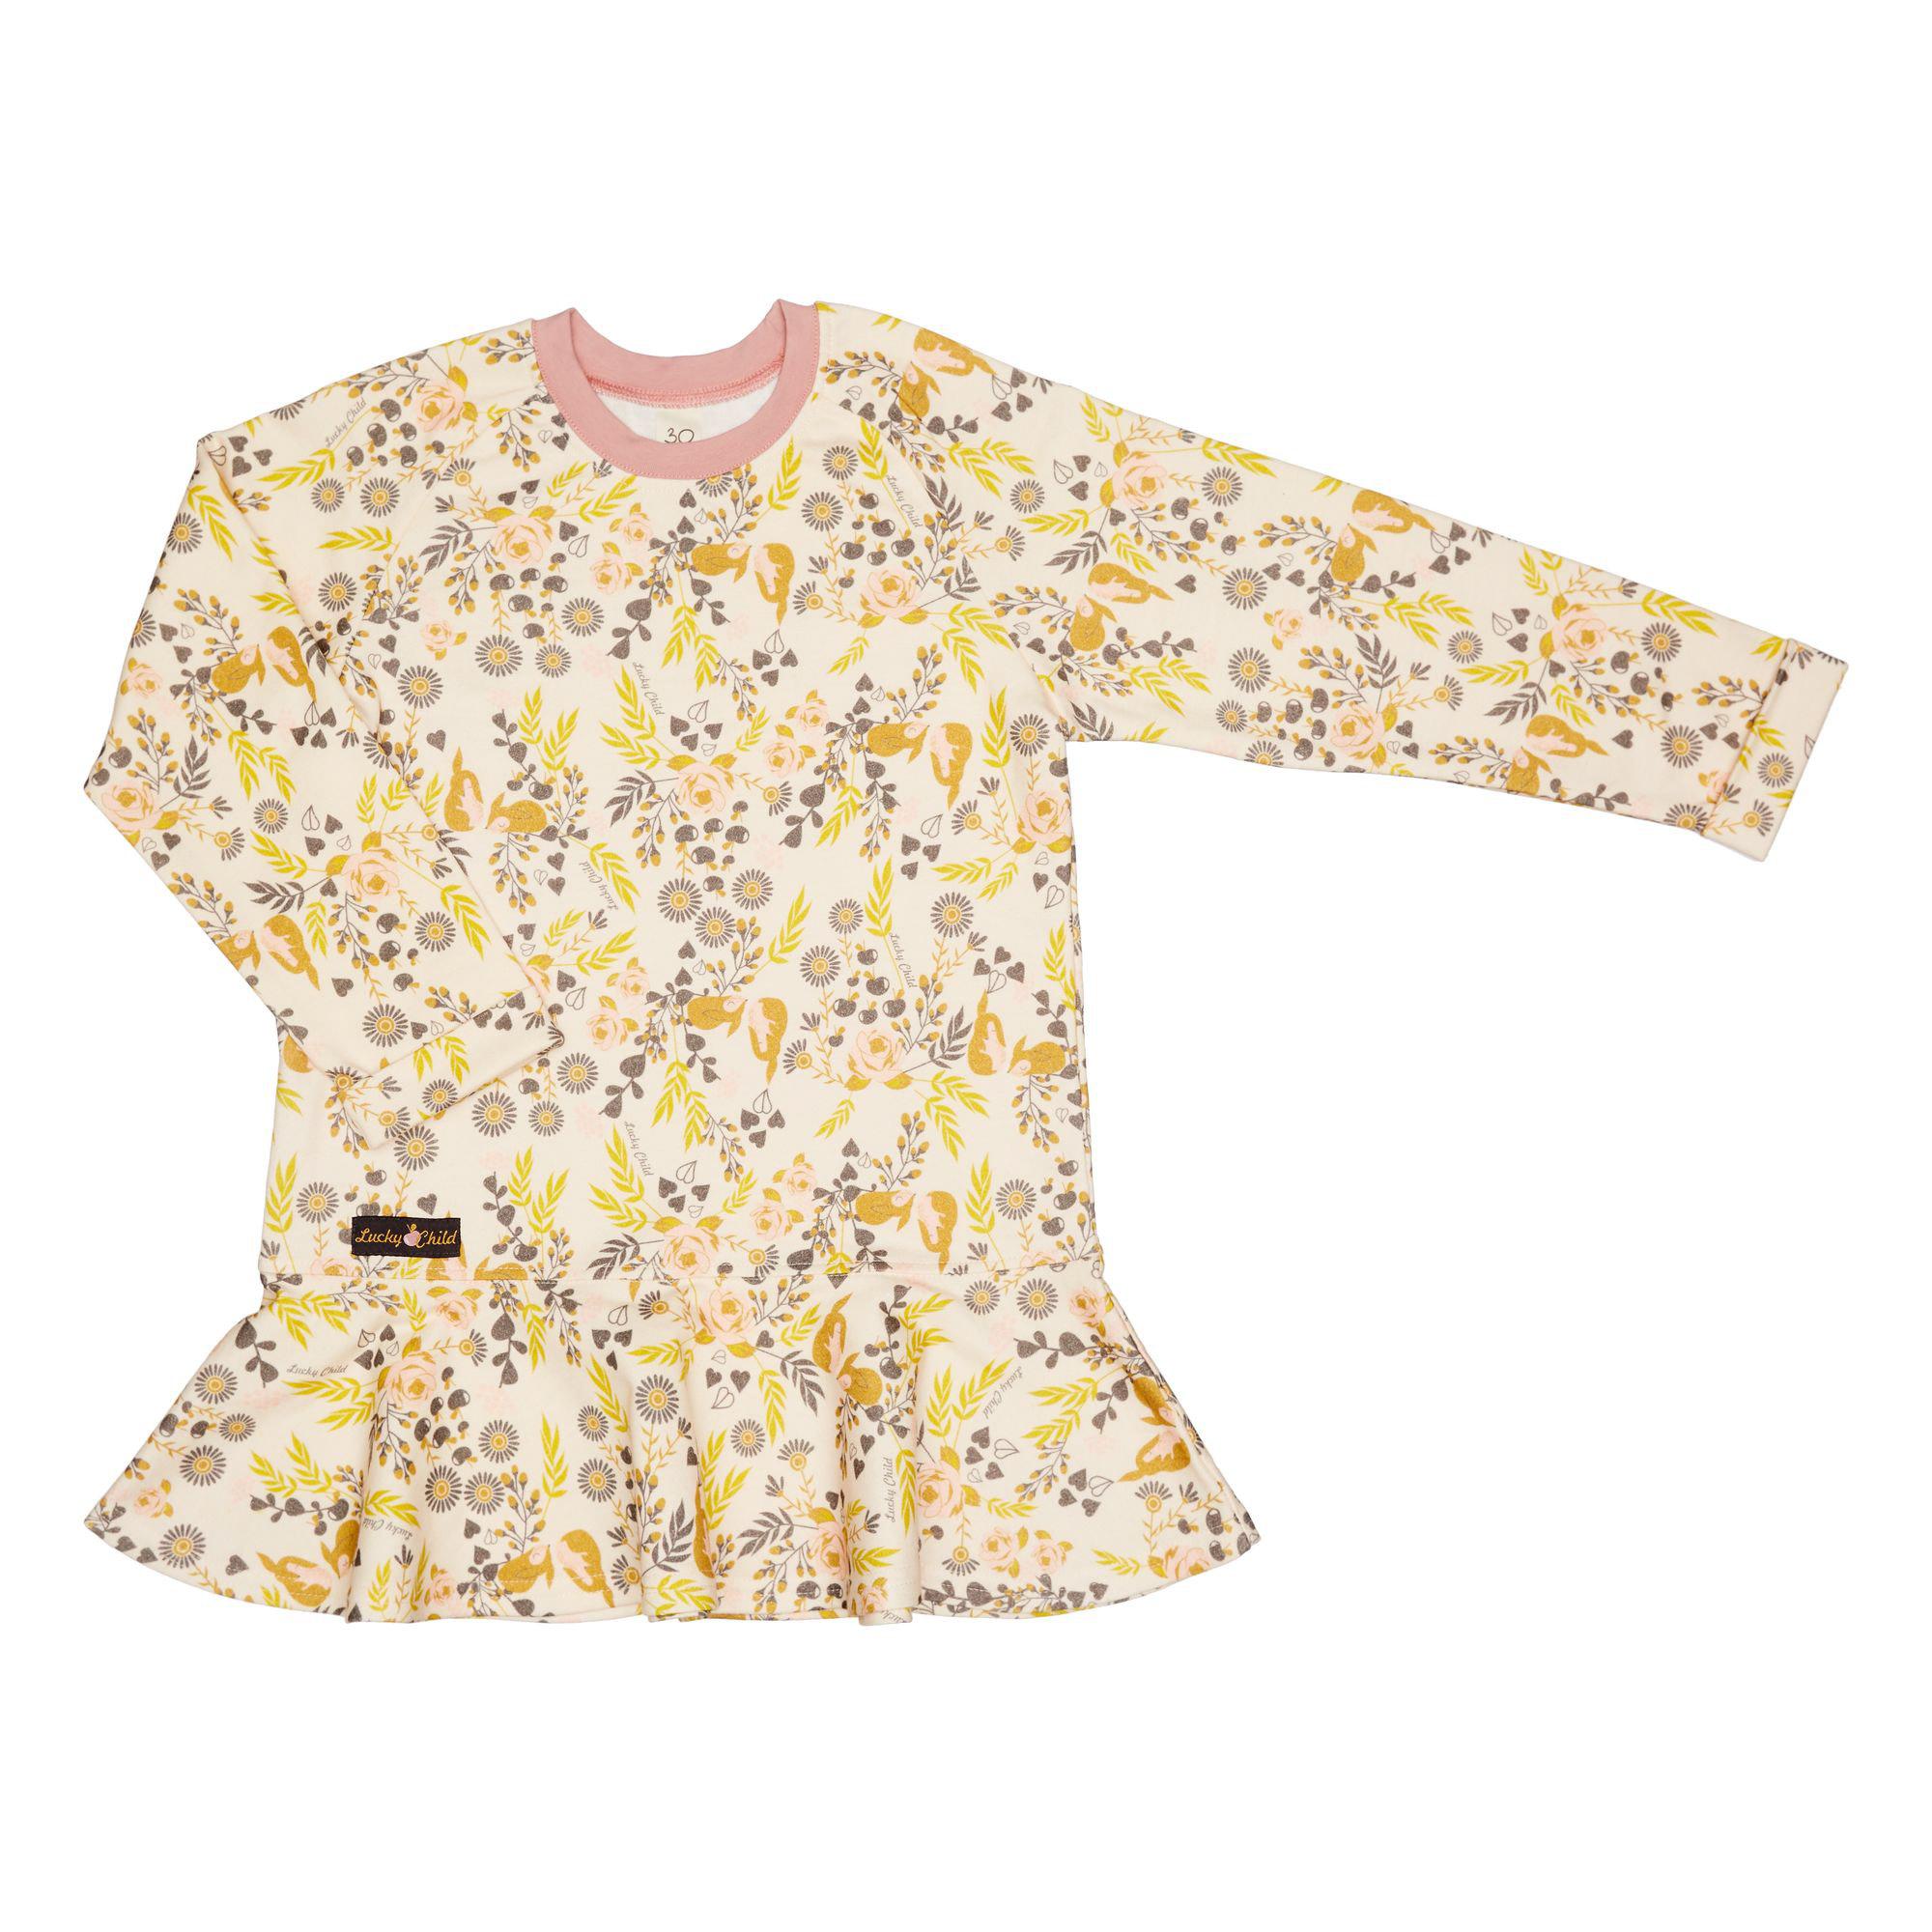 Платье Lucky Child Осенний лес футер цветное 128-134 толстовка lucky child осенний лес футер 128 134